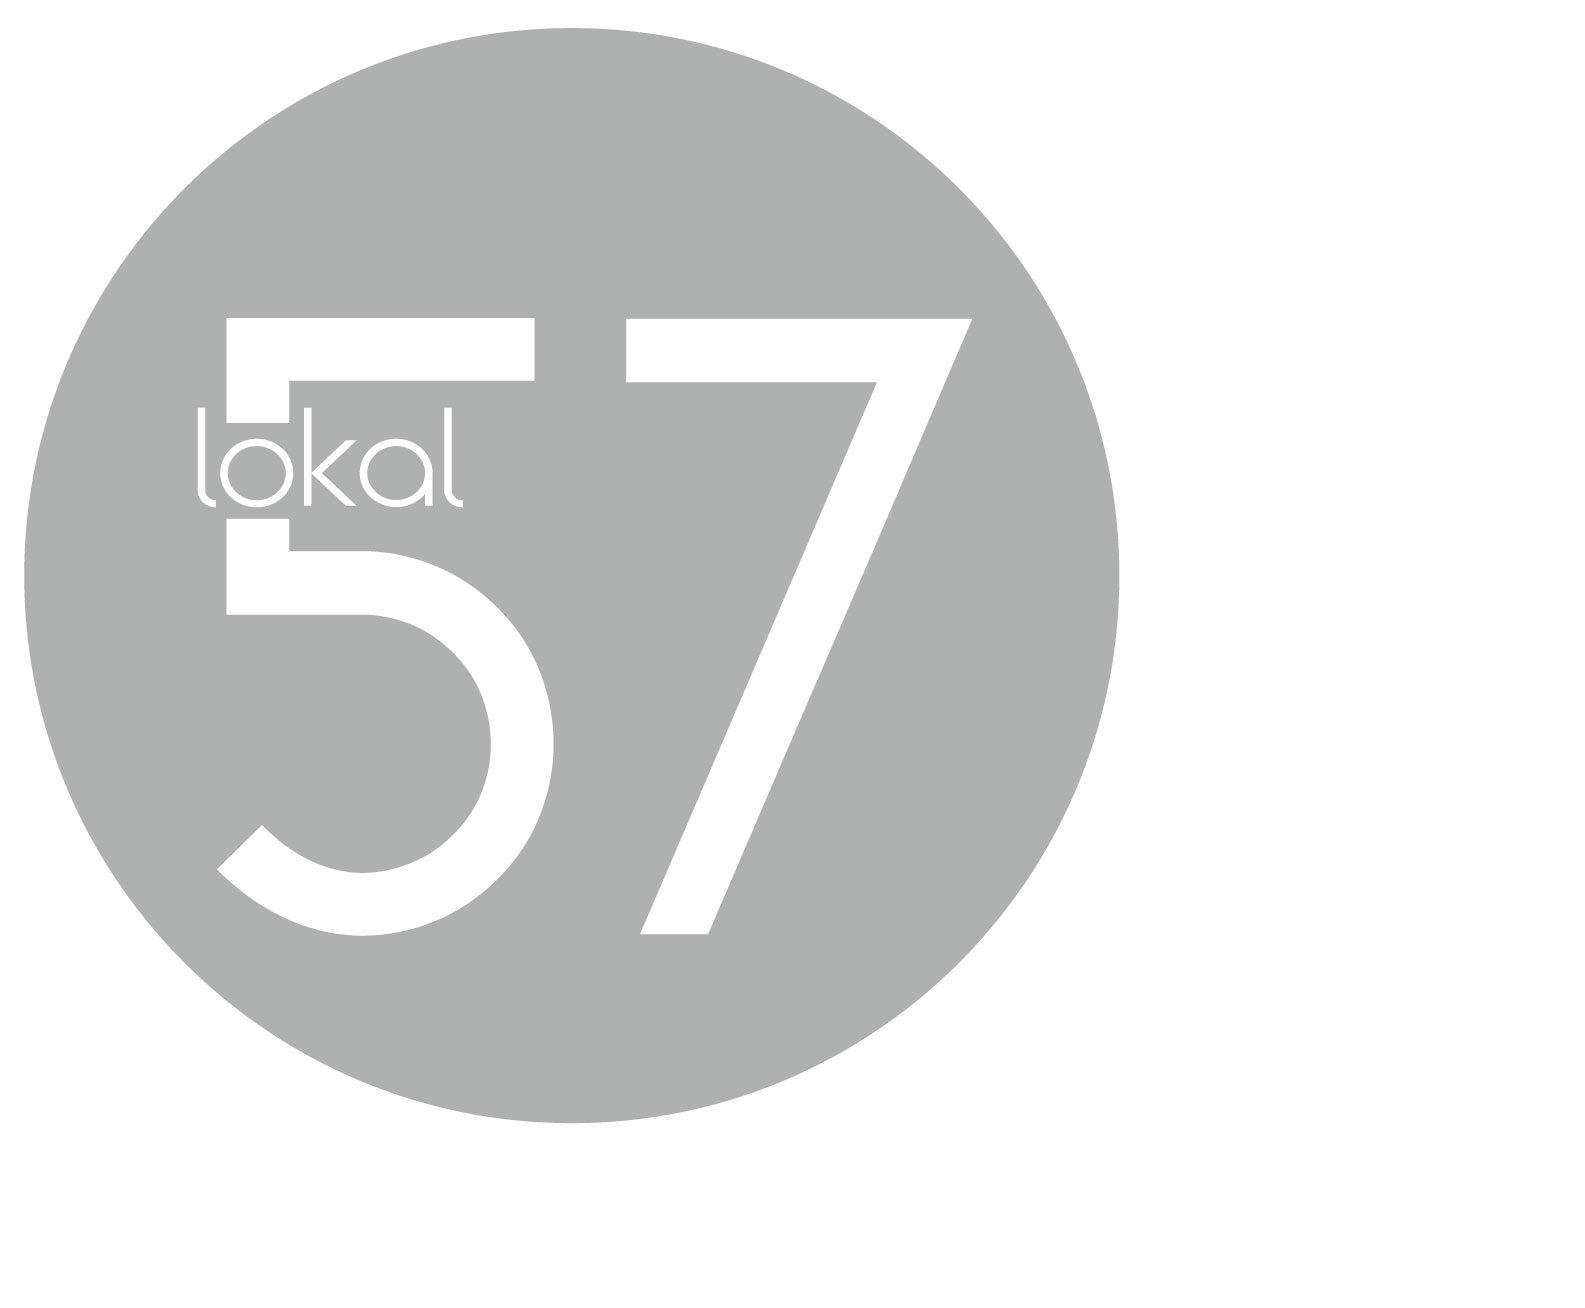 Lokal 57